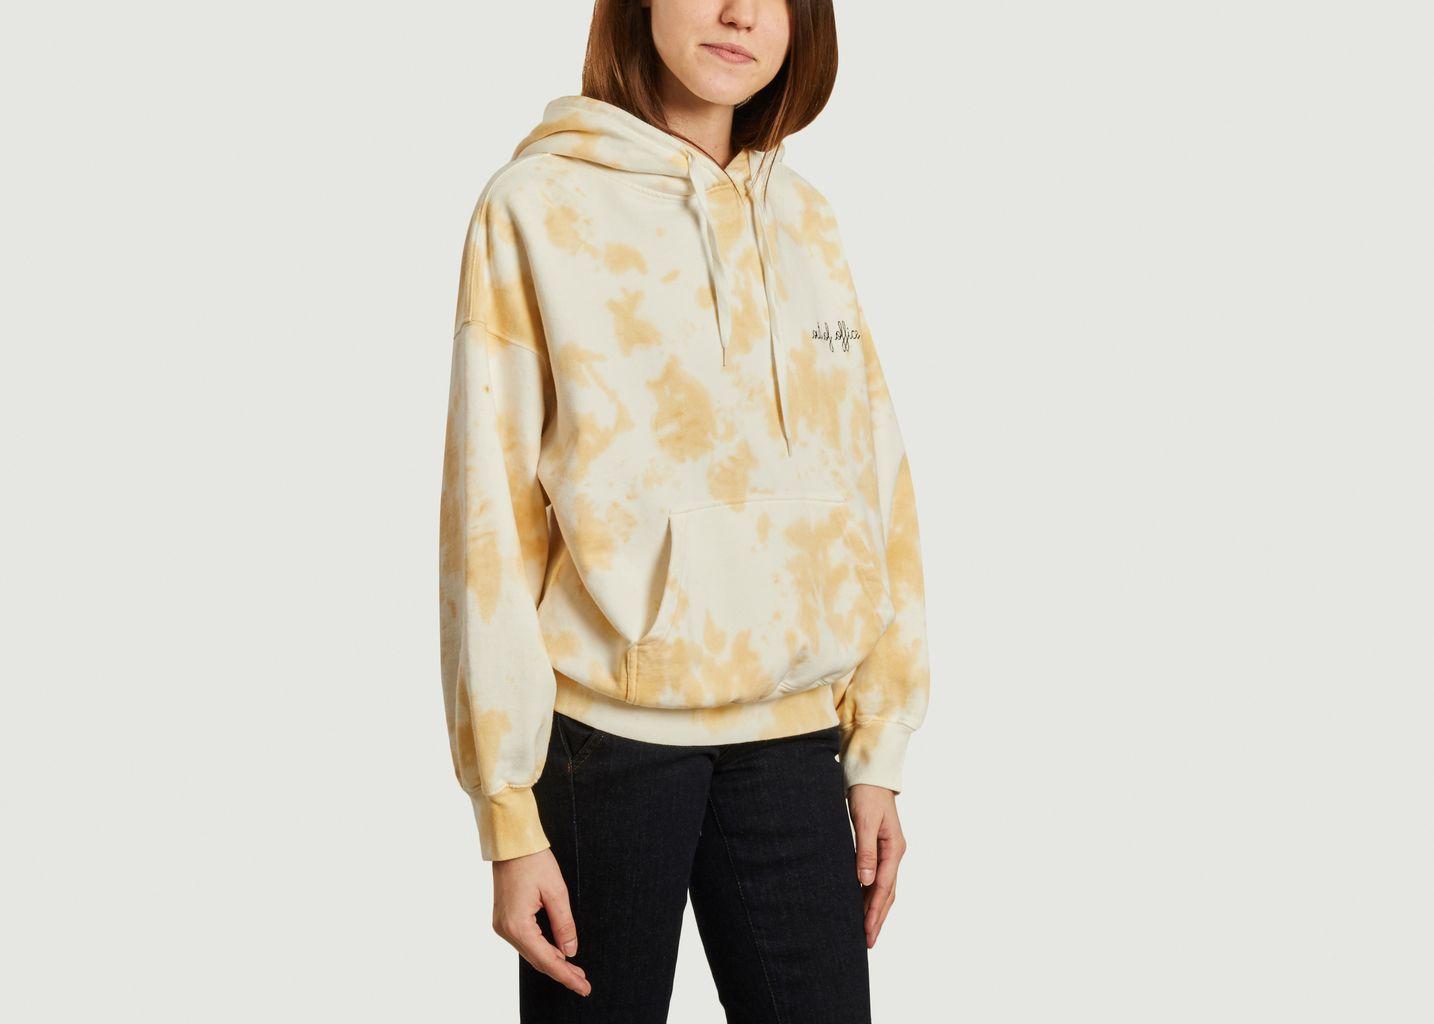 Sweatshirt à capuche Out of Office - Maison Labiche